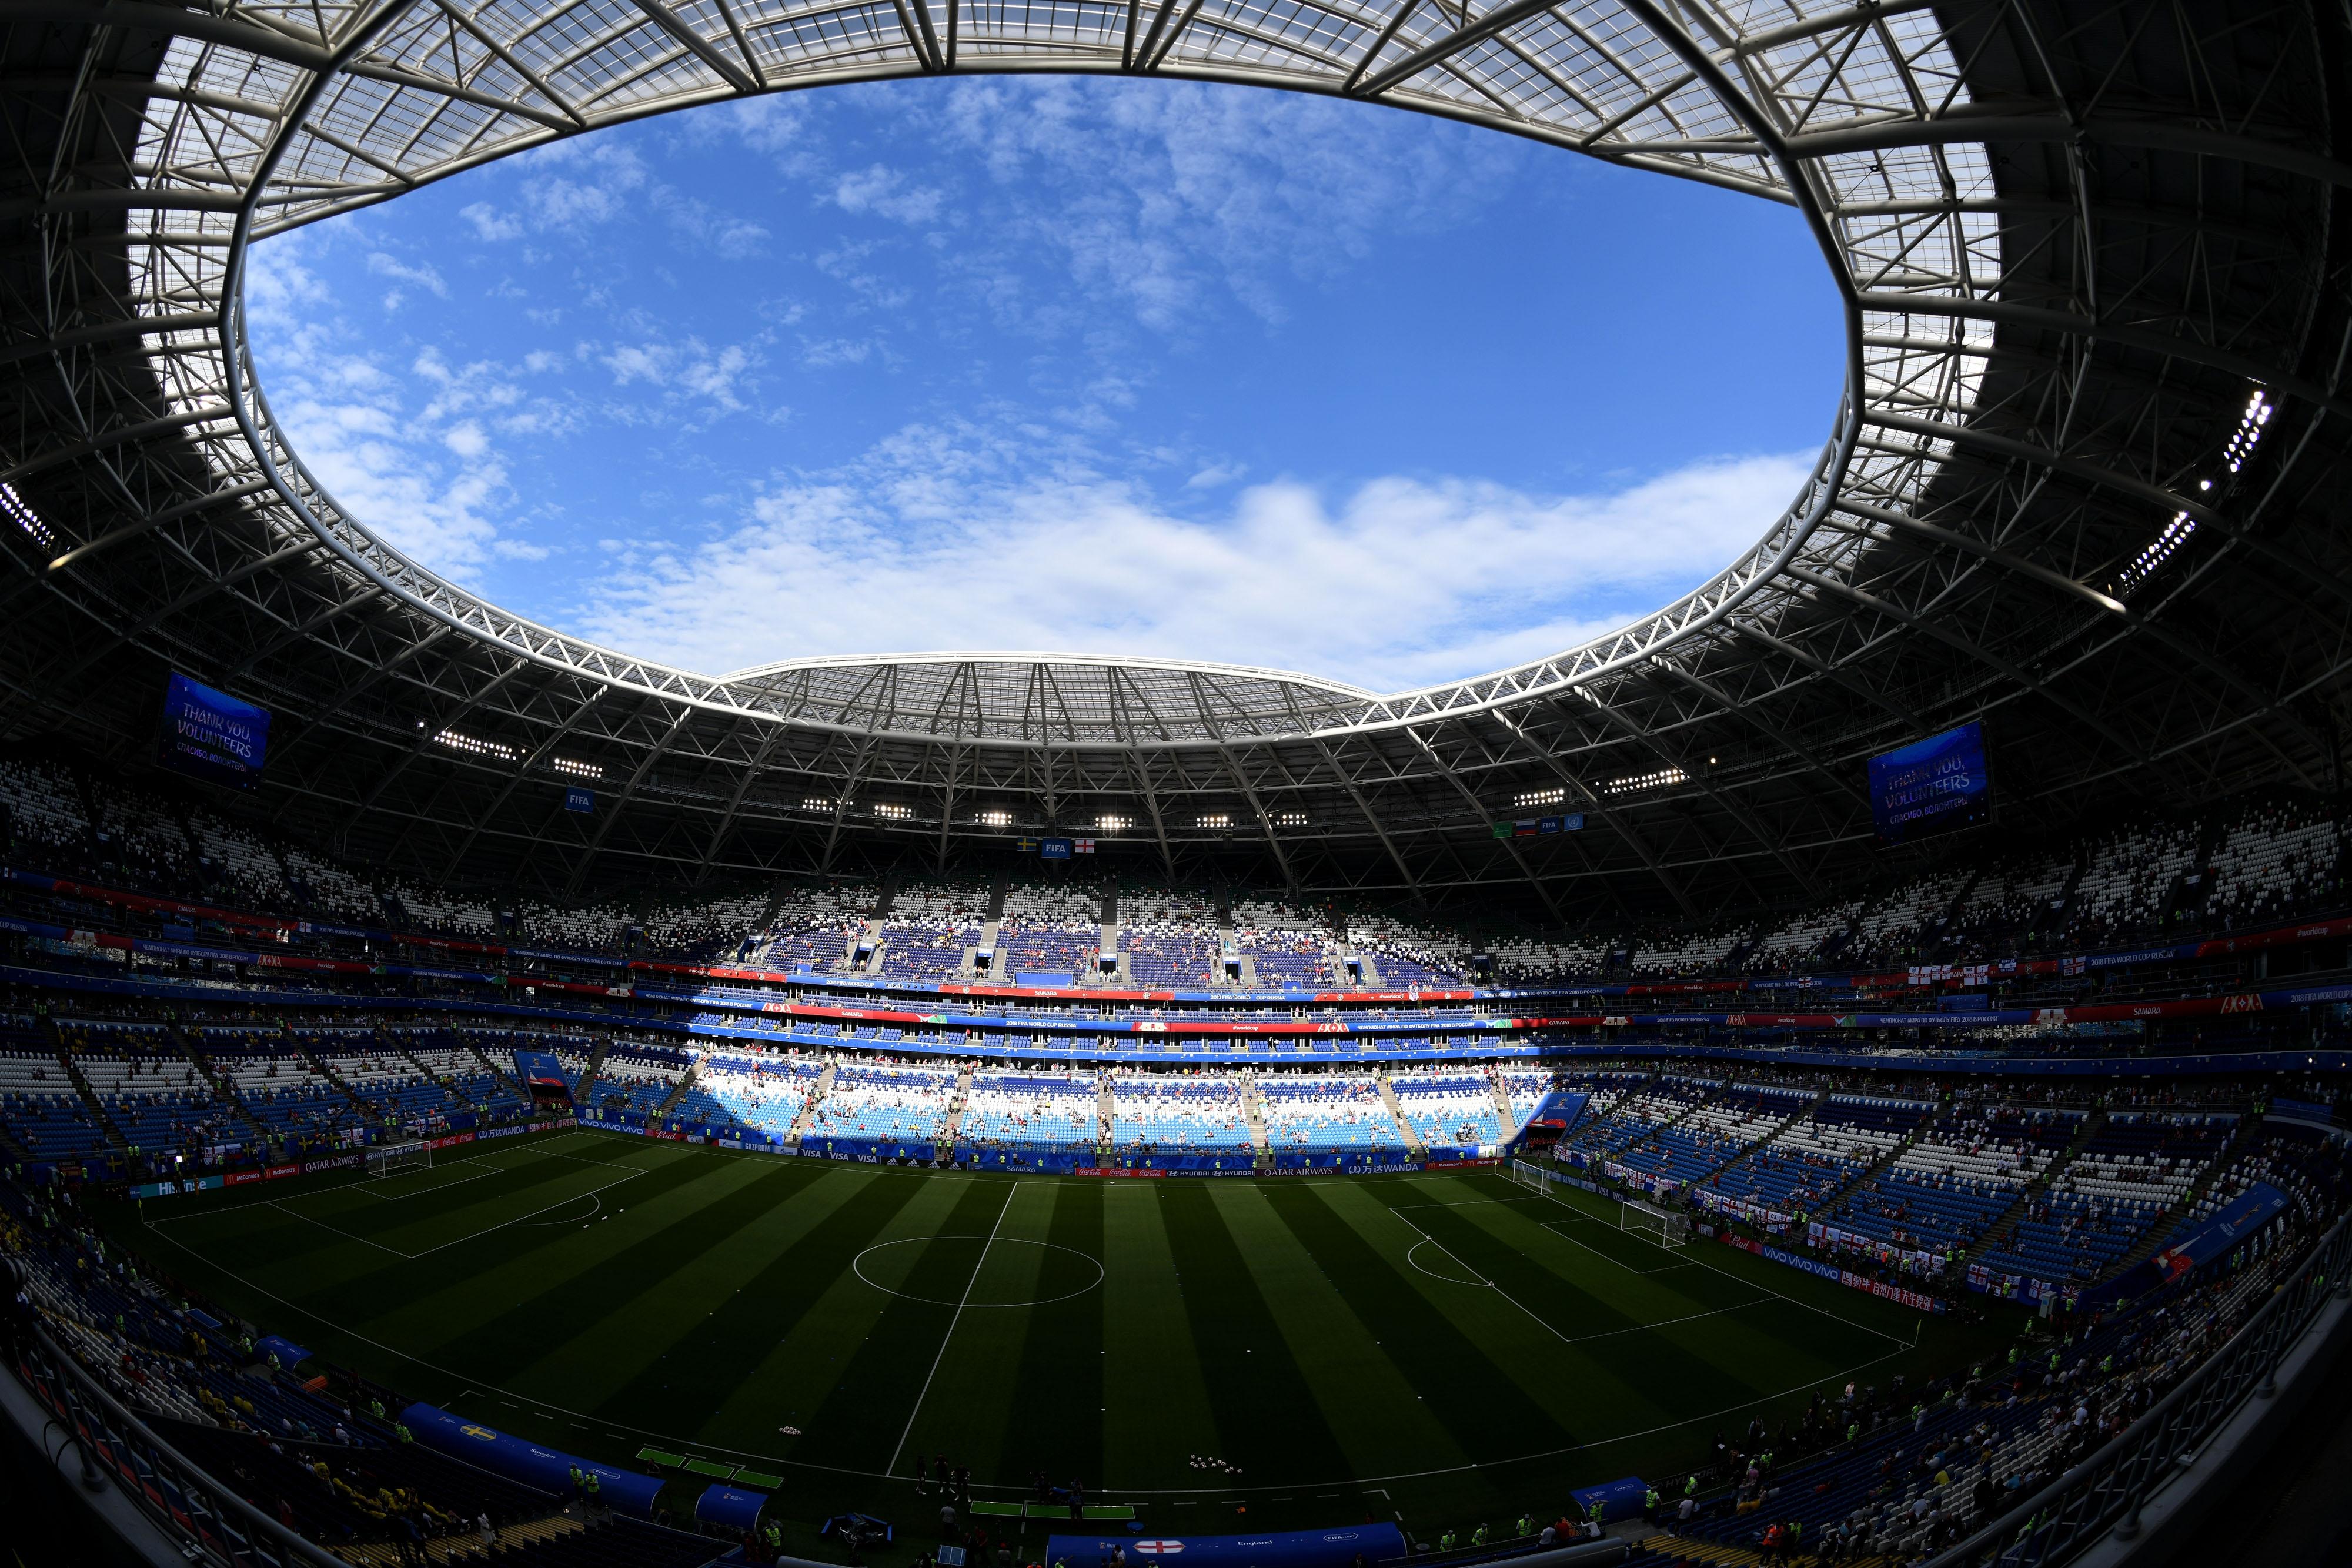 A nyári orosz vébé egyik stadionjában a kifizetetlen számlák miatt kikapcsolták az áramot